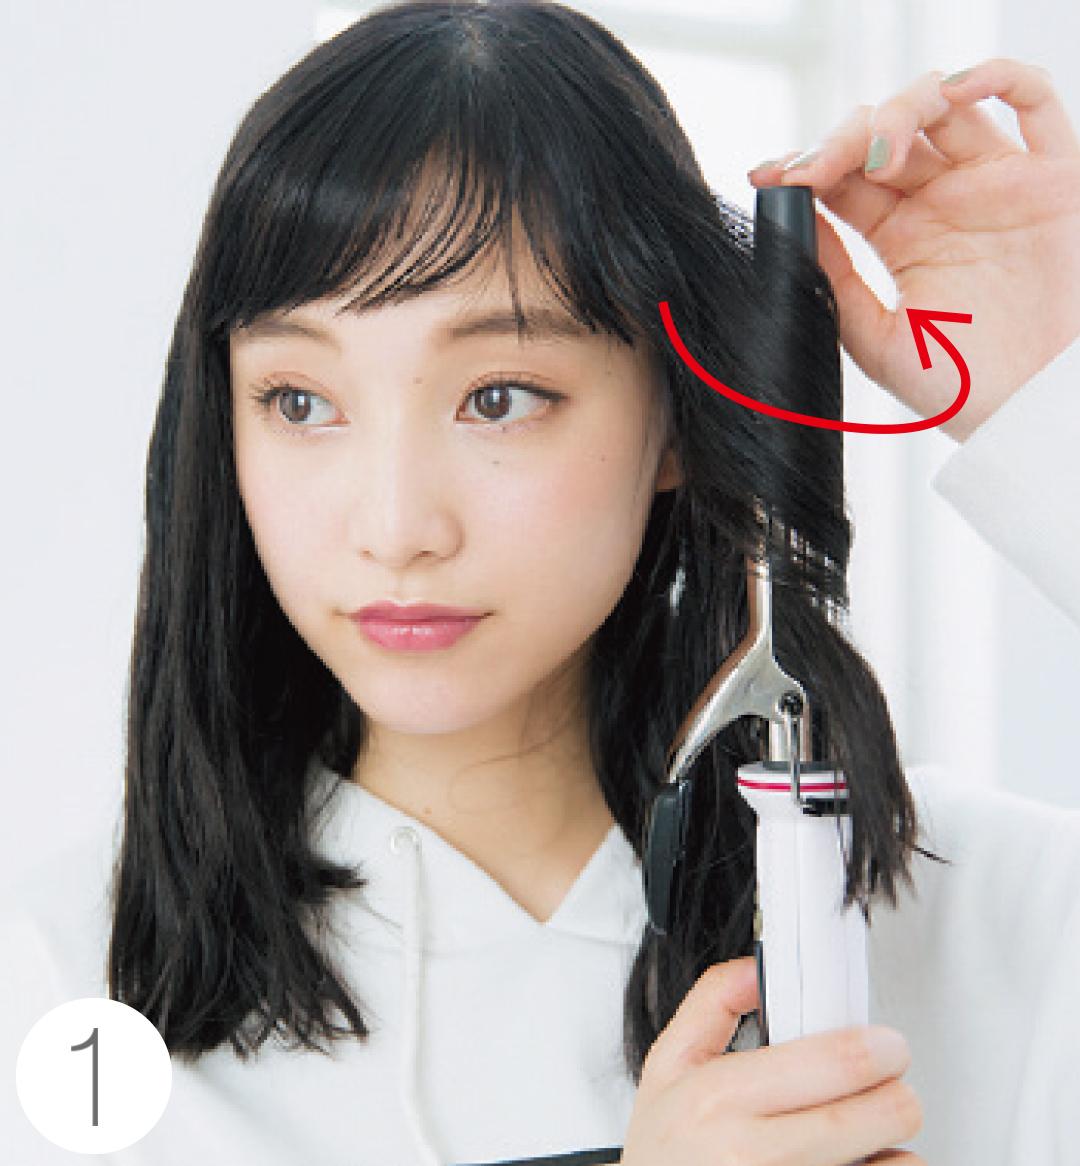 山田愛奈がお手本! 透明感カラーの黒髪でヘアアレンジ★_1_4-1